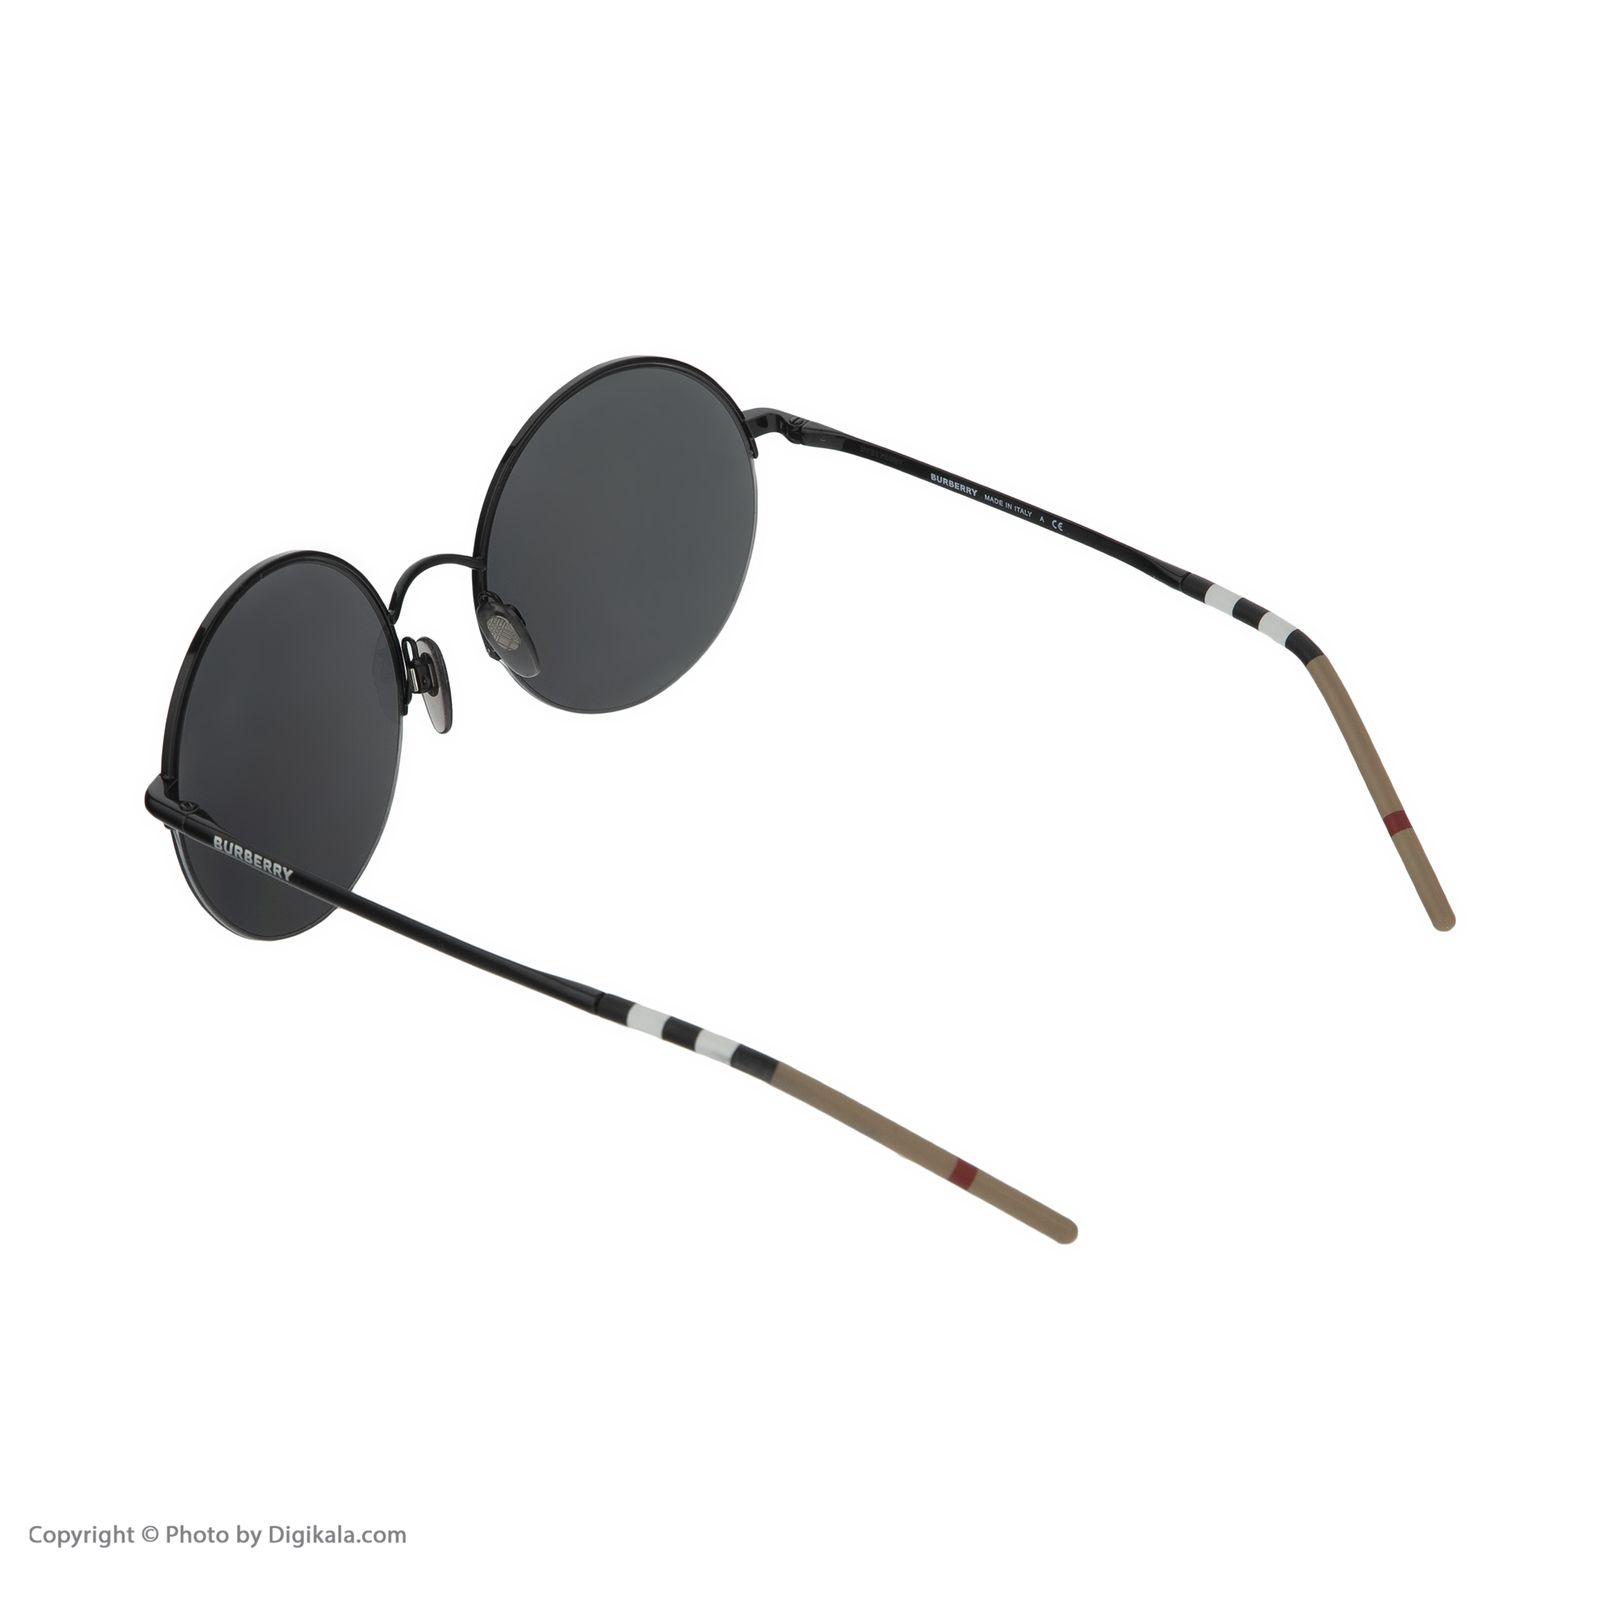 عینک آفتابی زنانه بربری مدل BE 3101S 100187 54 -  - 5